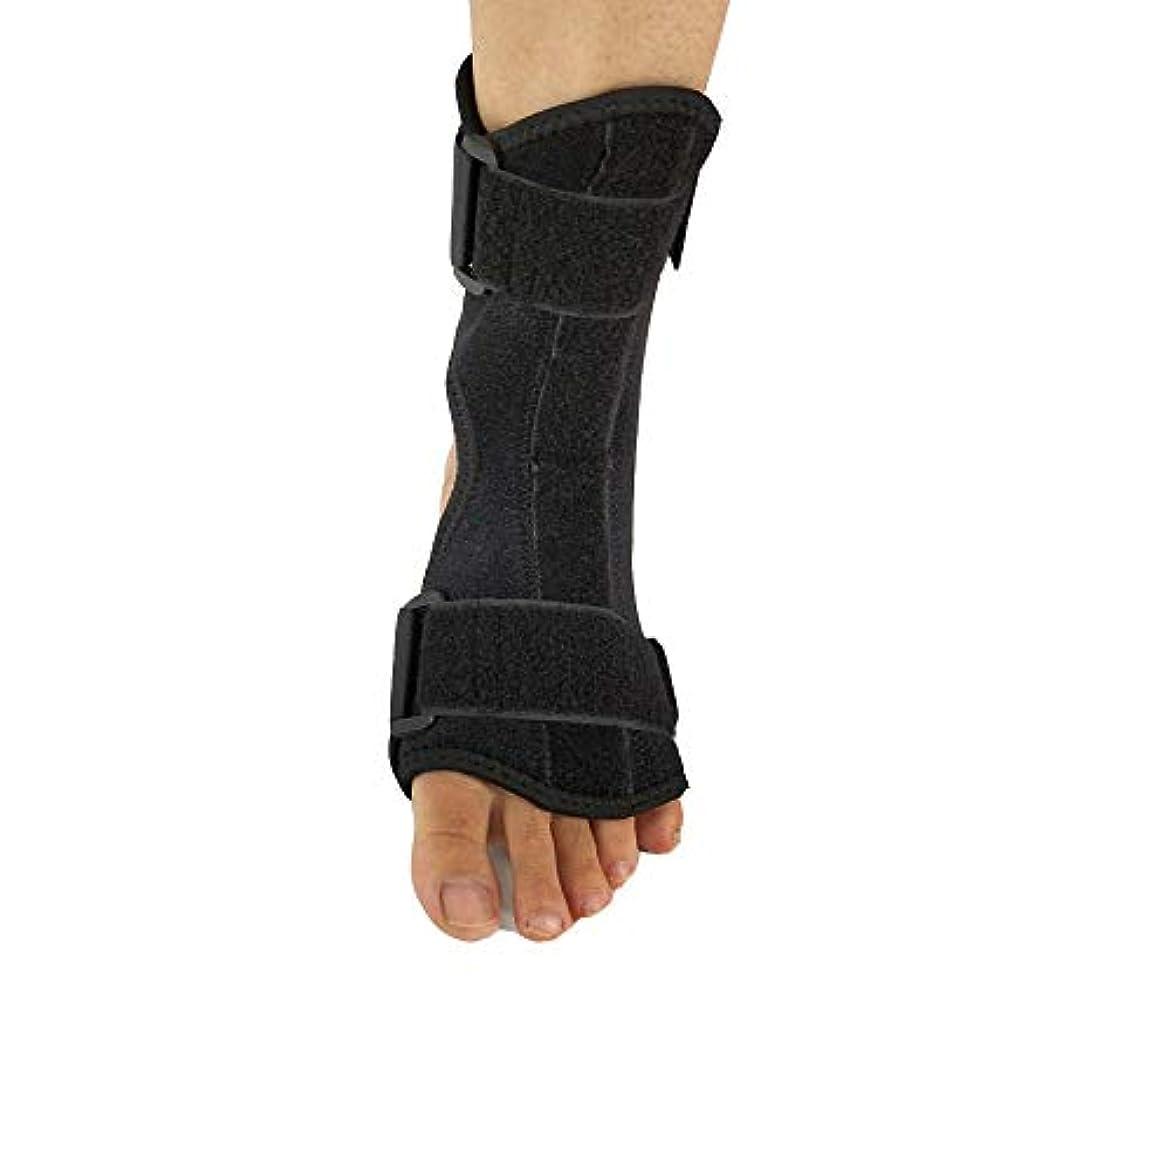 ドリンクカウンターパート先のことを考える足首安定器、足首ブレース、足首サポート、スプリントサポート足首矯正装具ブレース、捻rainサポート、緊張、関節炎